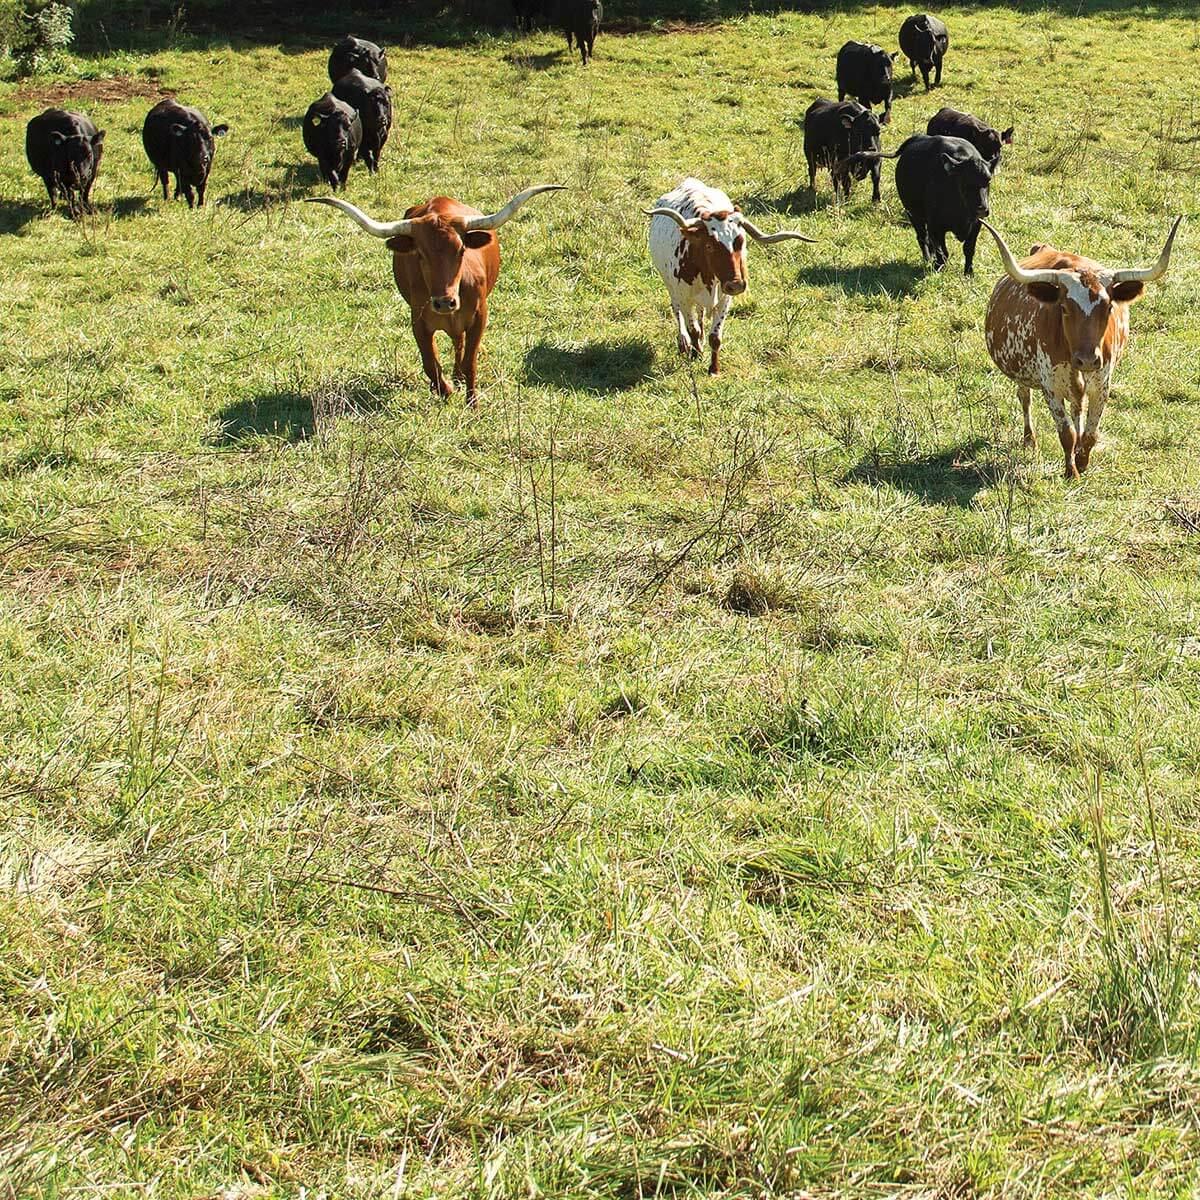 Cattle at Senterfitt Farms